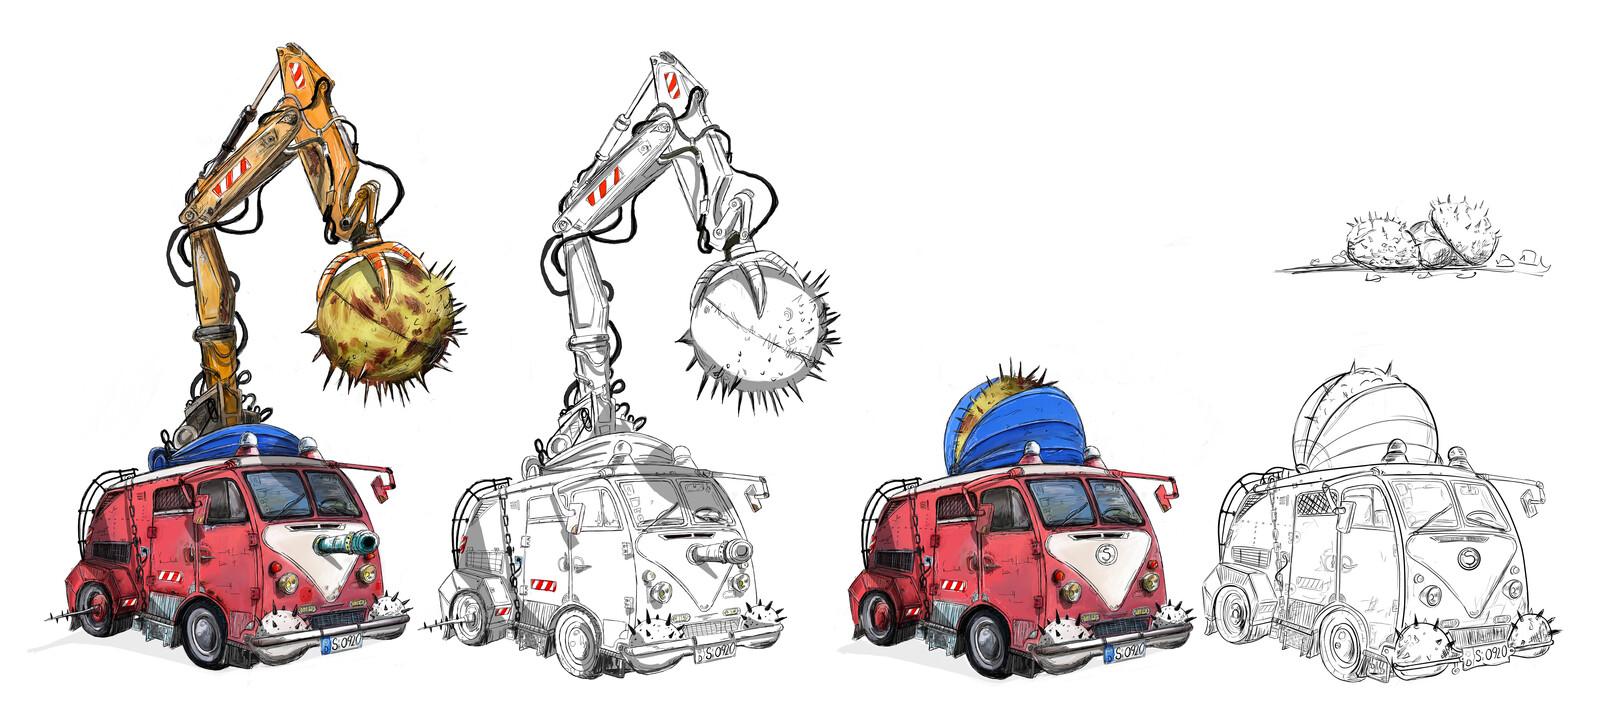 The Destroyer, wrecking racing van